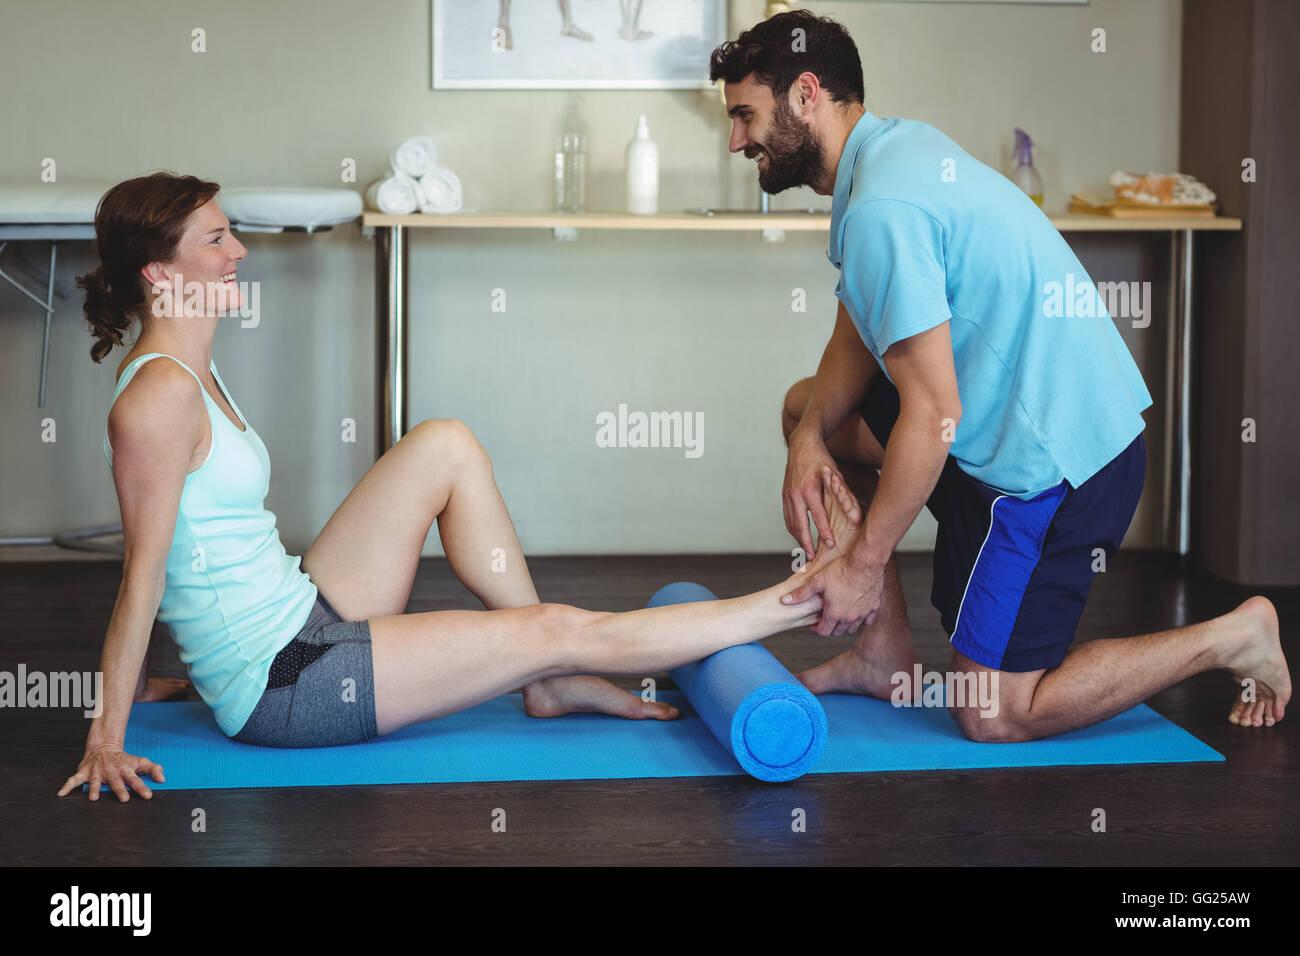 Physiothérapeute faisant la thérapie de la jambe d'une femme à l'aide du rouleau en mousse Photo Stock